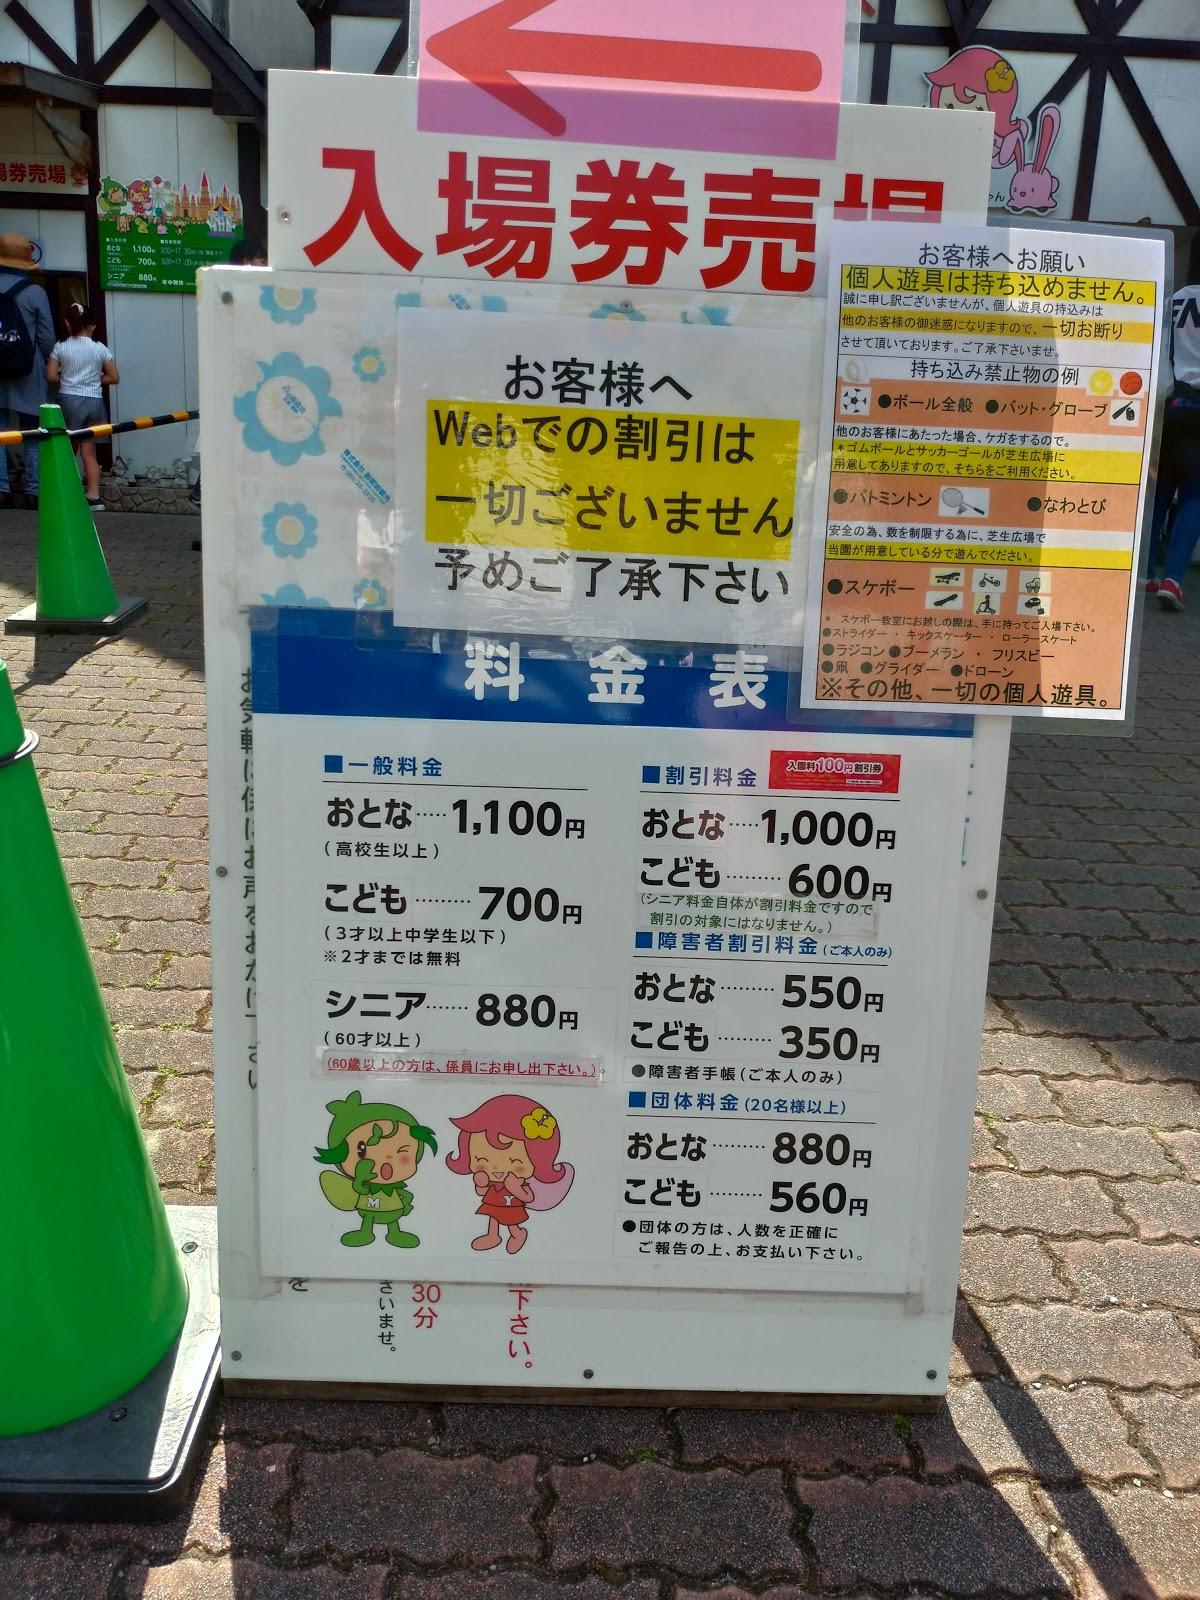 武雄・嬉しのメルヘン村 入場料の価格表